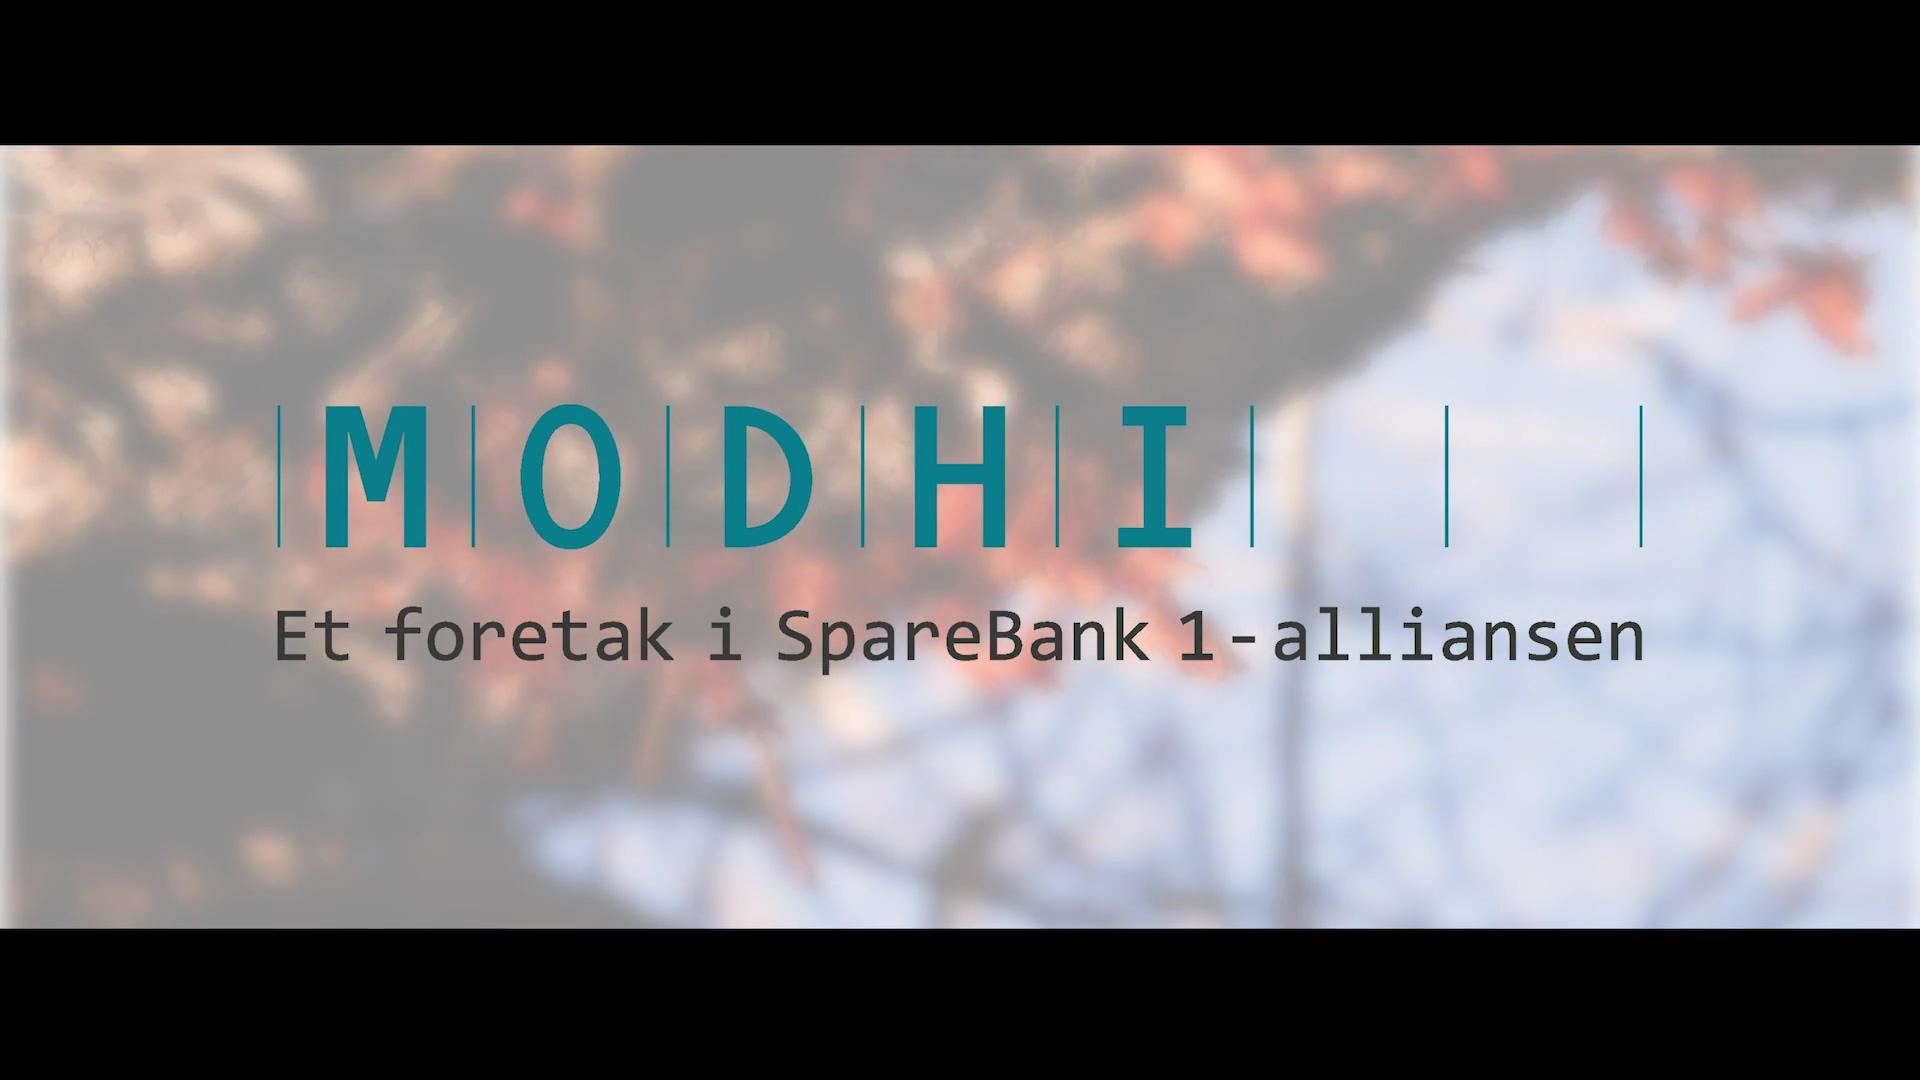 rebrand_modhi_v13-cs